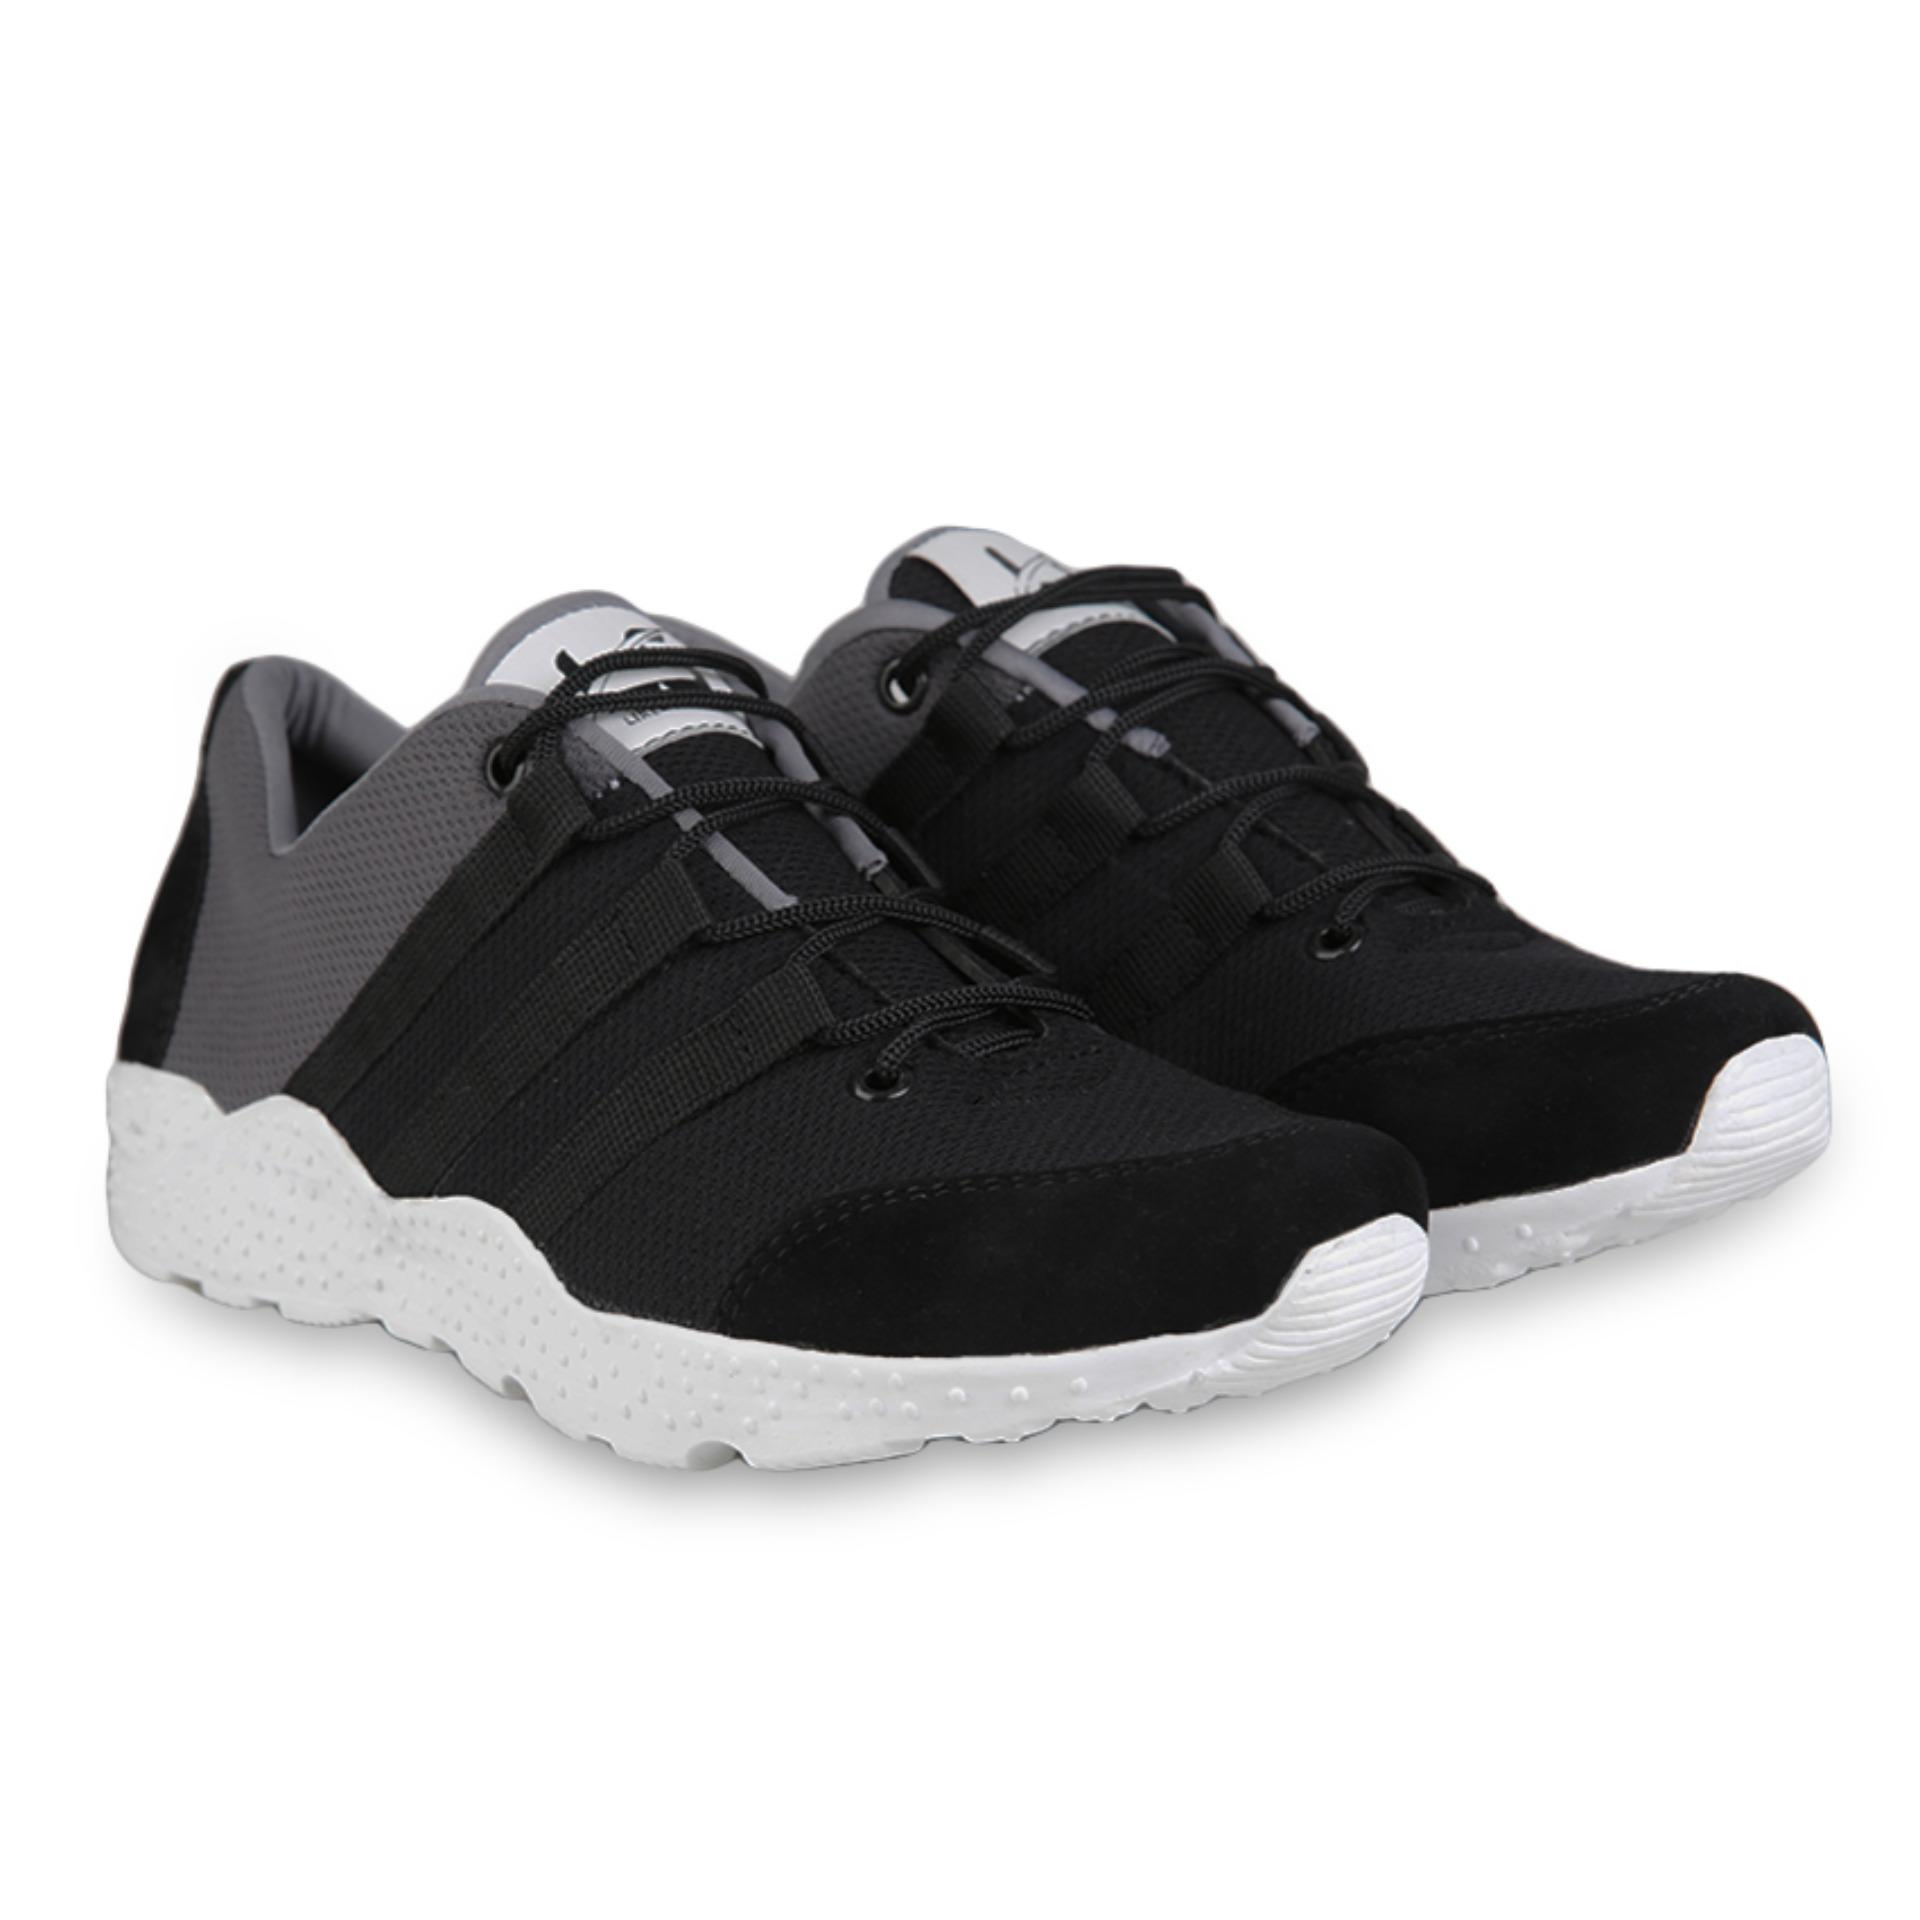 Likers Sepatu Sneaker Wanita - Yoga / sepatu kets wanita / Sepatu cewek / sepatu wanita wedges / sepatu sneakers wanita / sepatu wanita heels / Sepatu olahraga / Sepatu Cewe / sepatu wanita murah / Sepatu Wedges / Sepatu Boot wanita